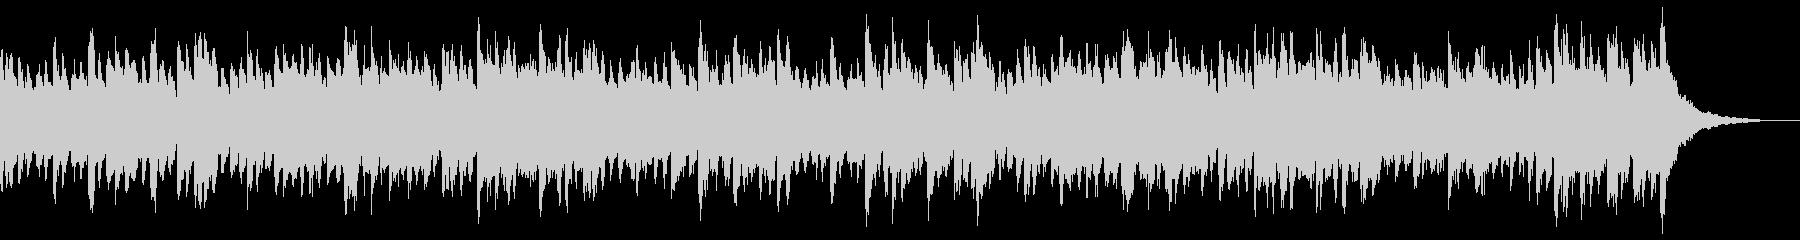 無機質で透明感のあるクールなピアノBGMの未再生の波形